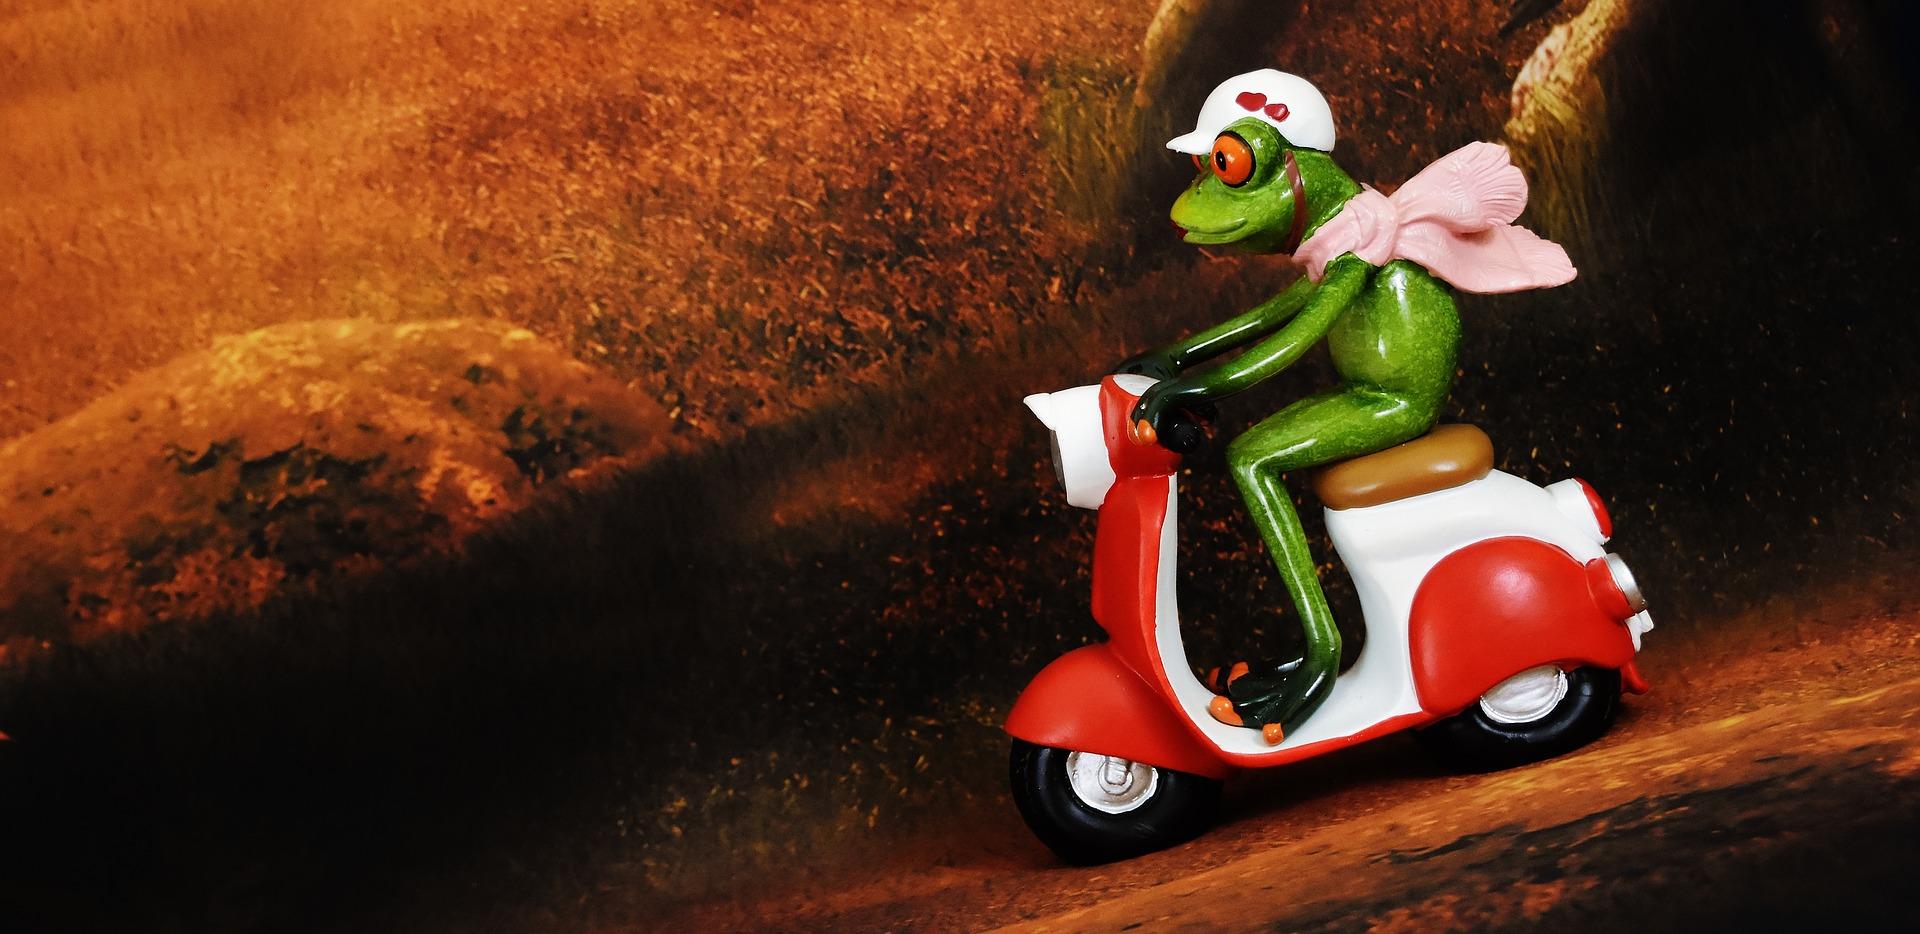 Les immatriculations de motocycles ont augmenté de 8,2% dans l'UE au premier semestre de l'année